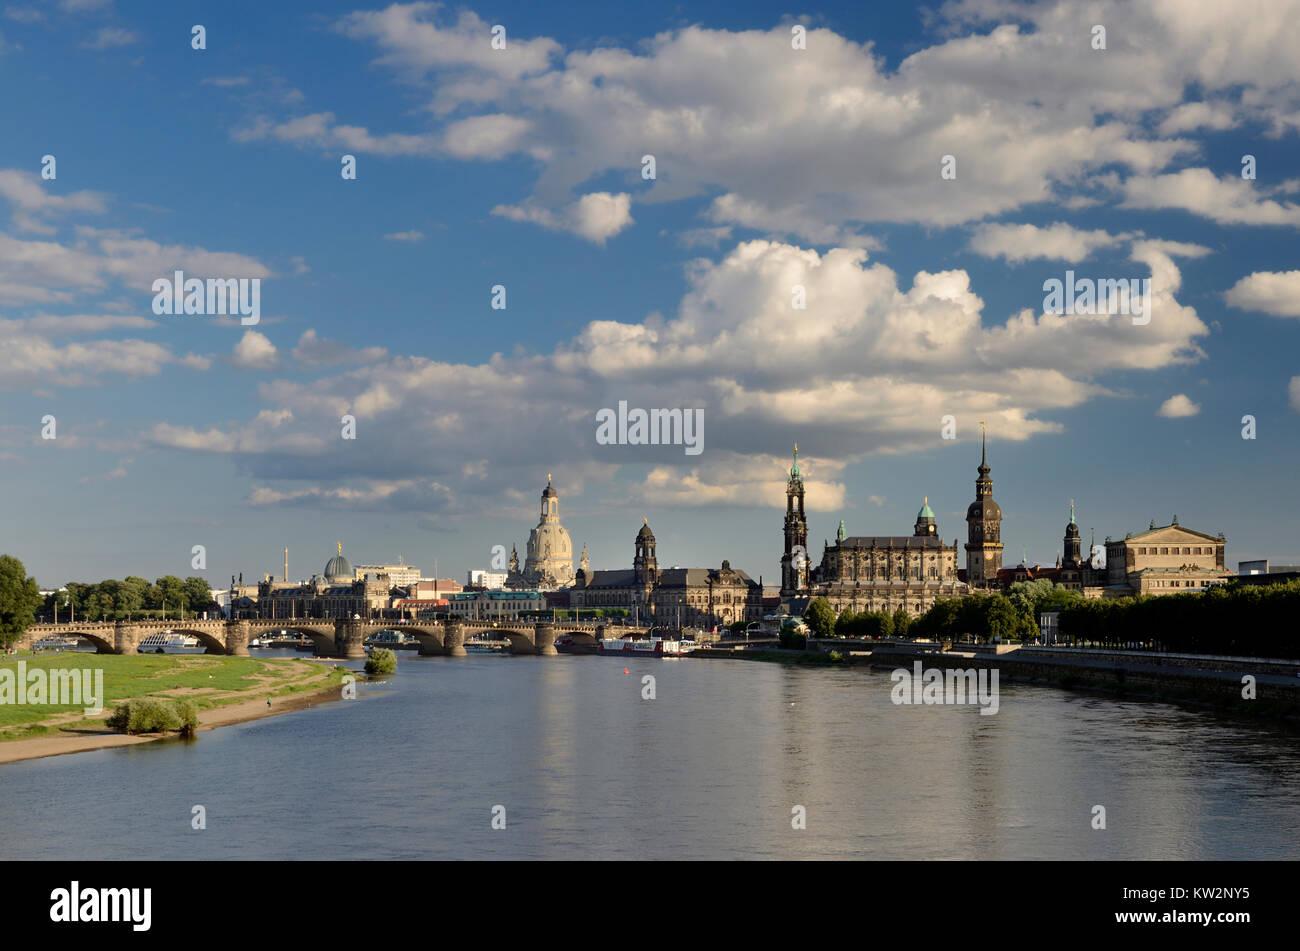 Town view of the Marien's bridge, Dresden Old Town, Stadtansicht von der Marienbruecke, Dresden Altstadt - Stock Image